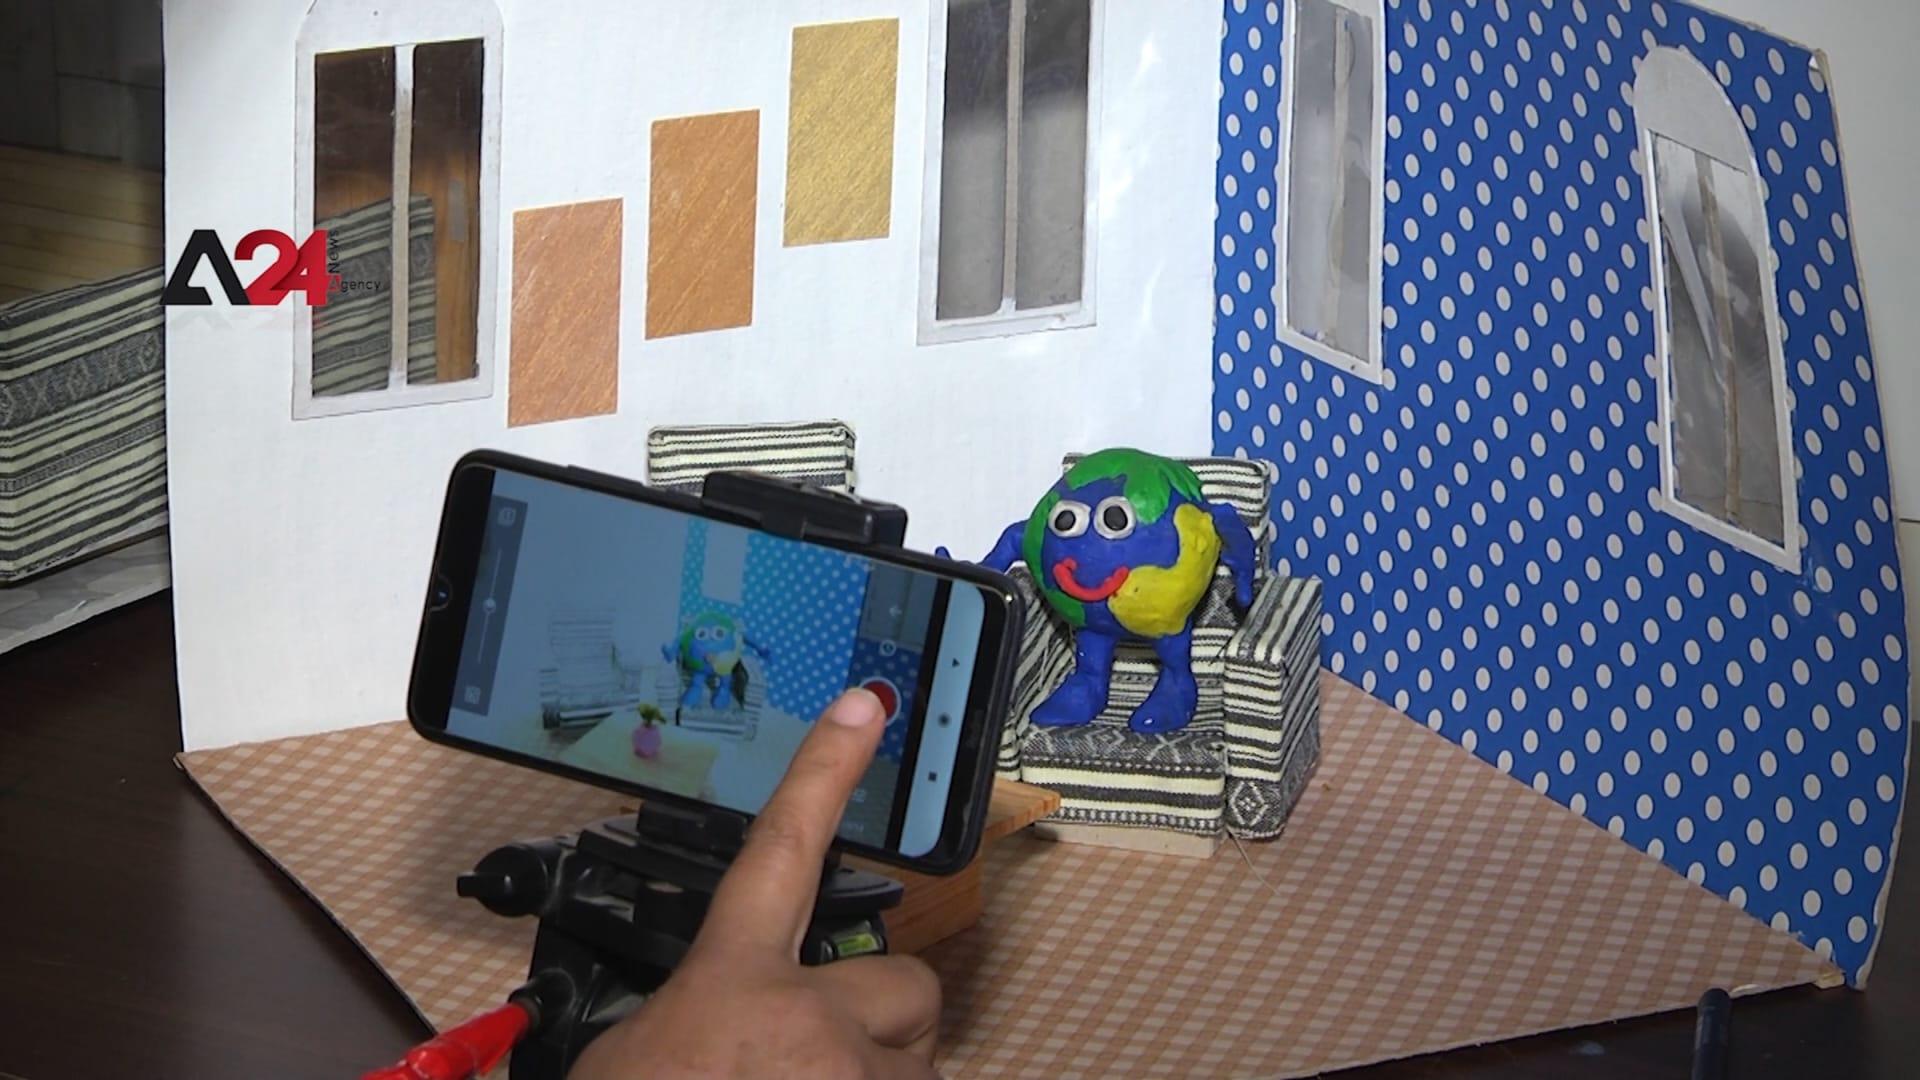 فتيات صم في غزة يستخدمن أفلام كرتونية صامتة لمناقشة القضايا المهمة في مجتمعاتهن